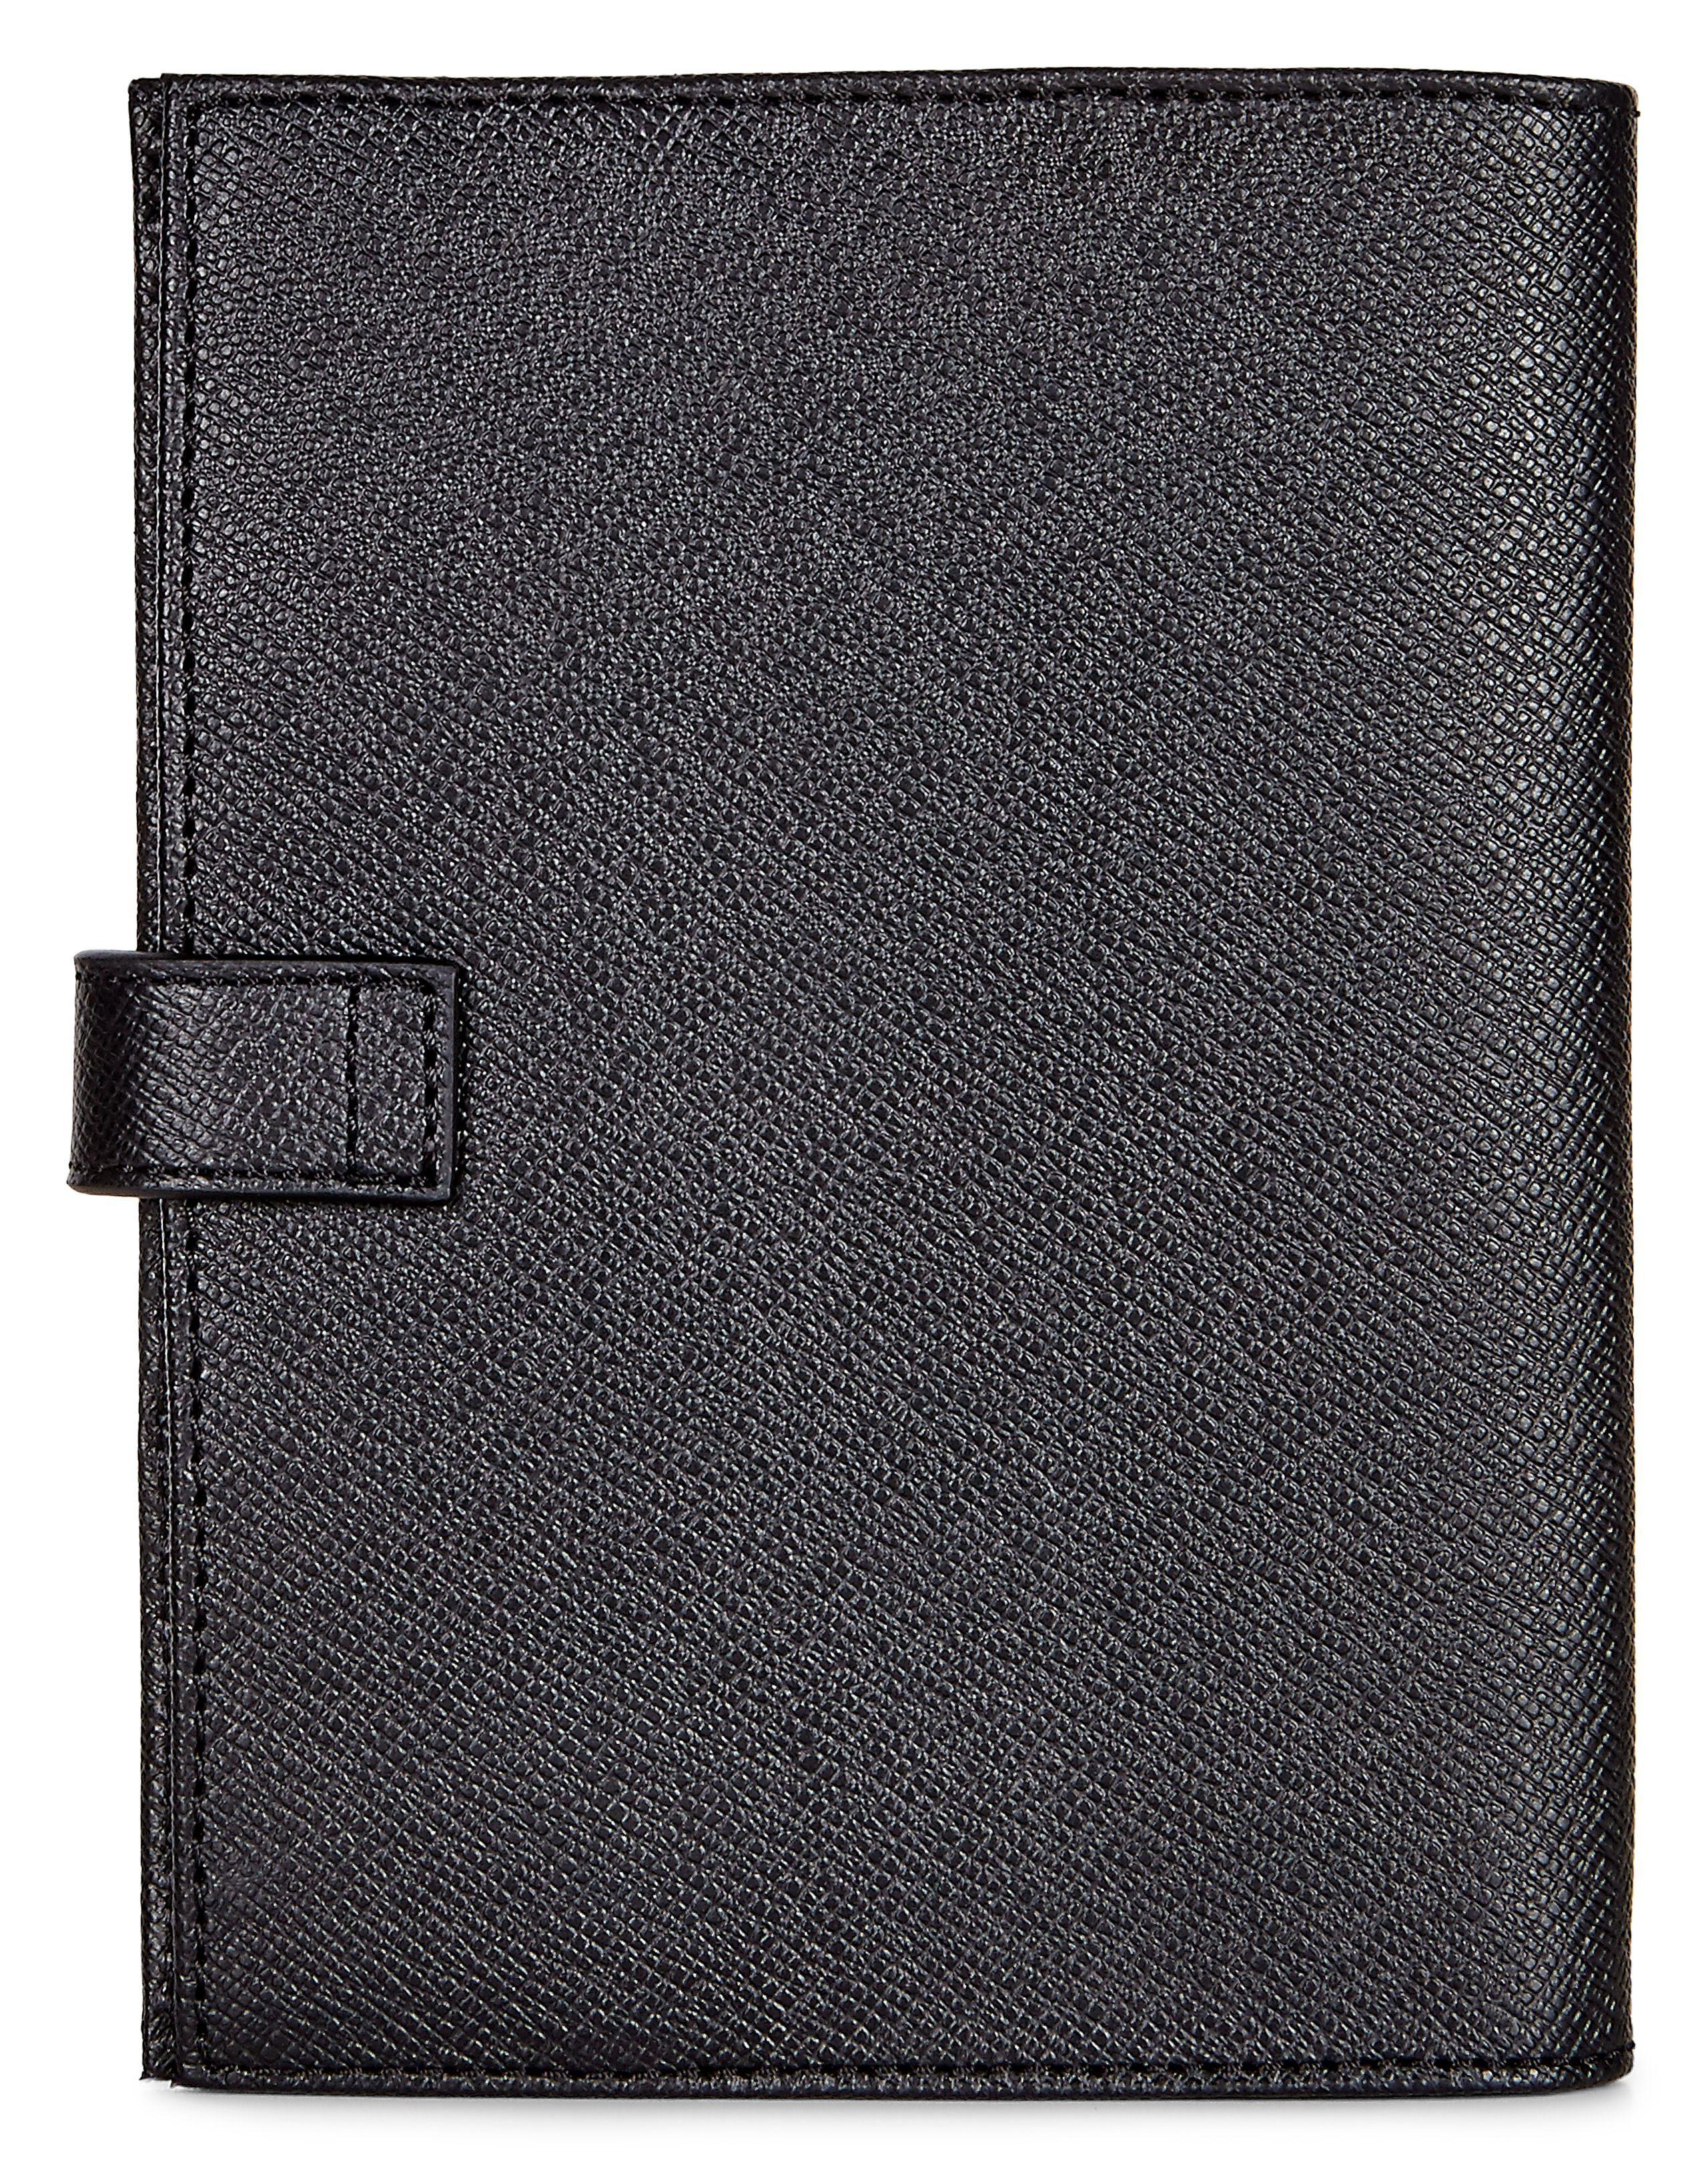 ... ECCO Iola Passport HolderECCO Iola Passport Holder BLACK (90000)